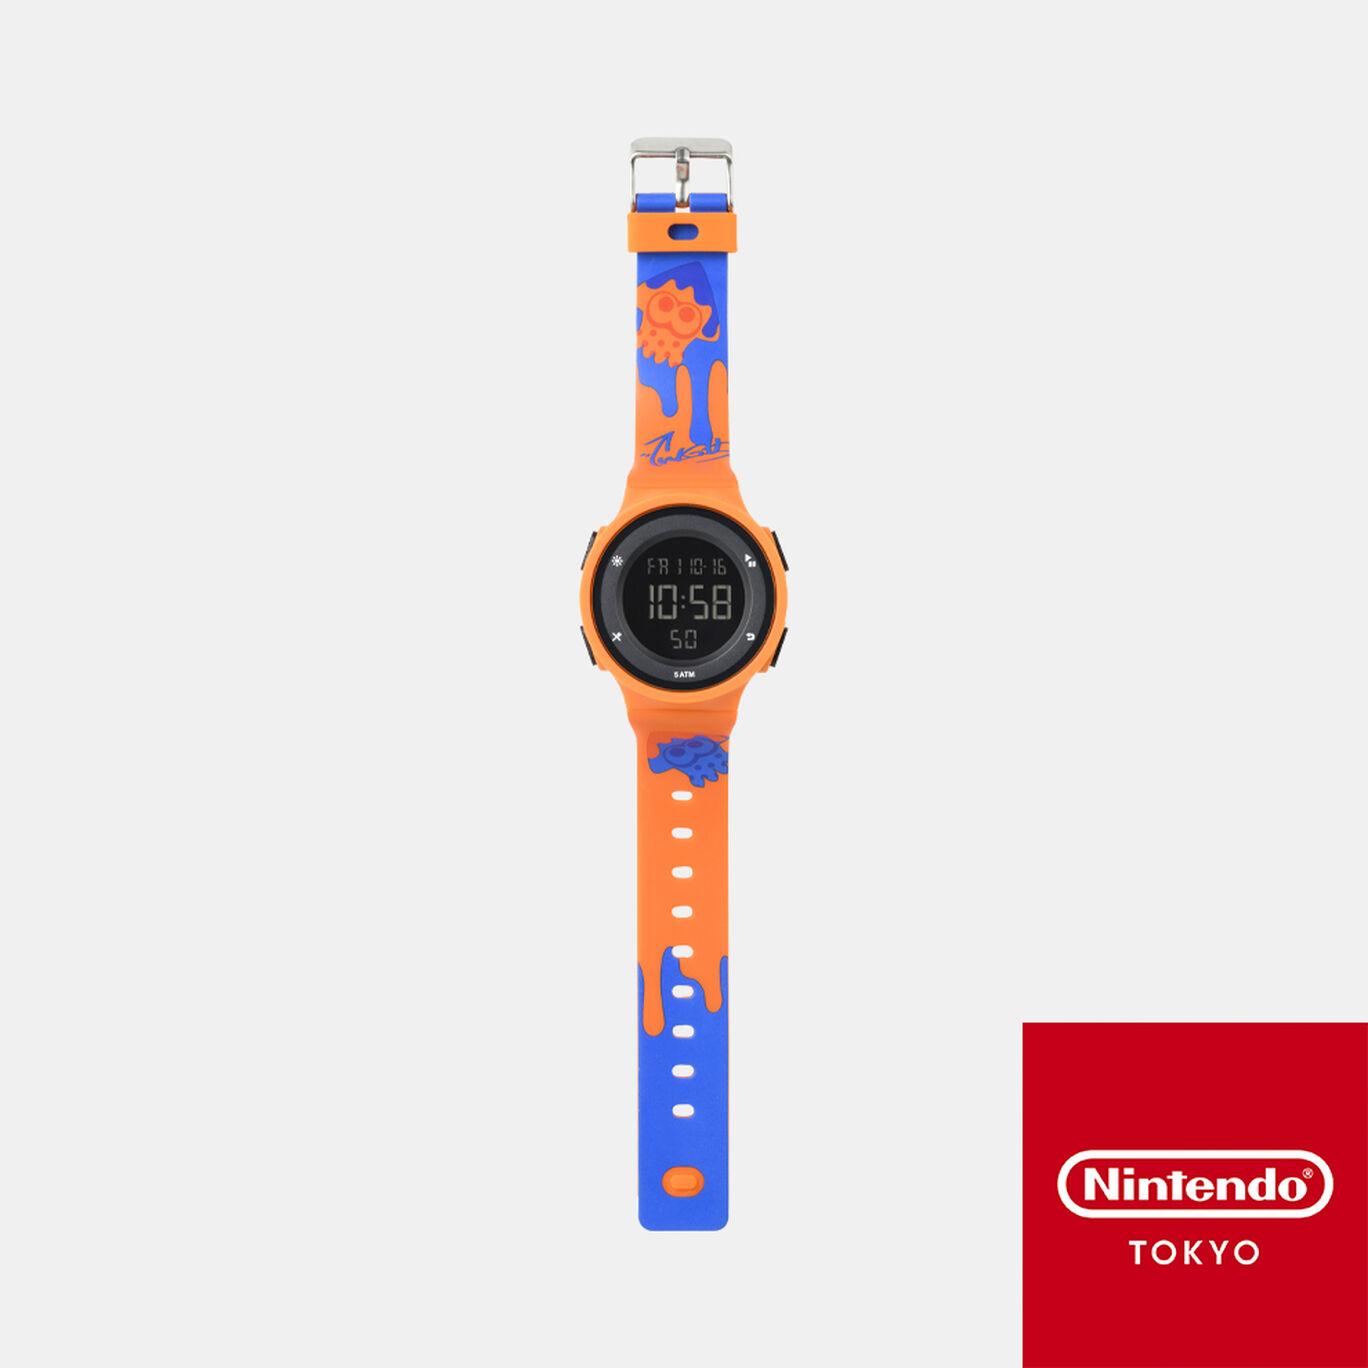 【新規追加商品】ウォッチ オレンジ INK YOU UP 【Nintendo TOKYO取り扱い商品】